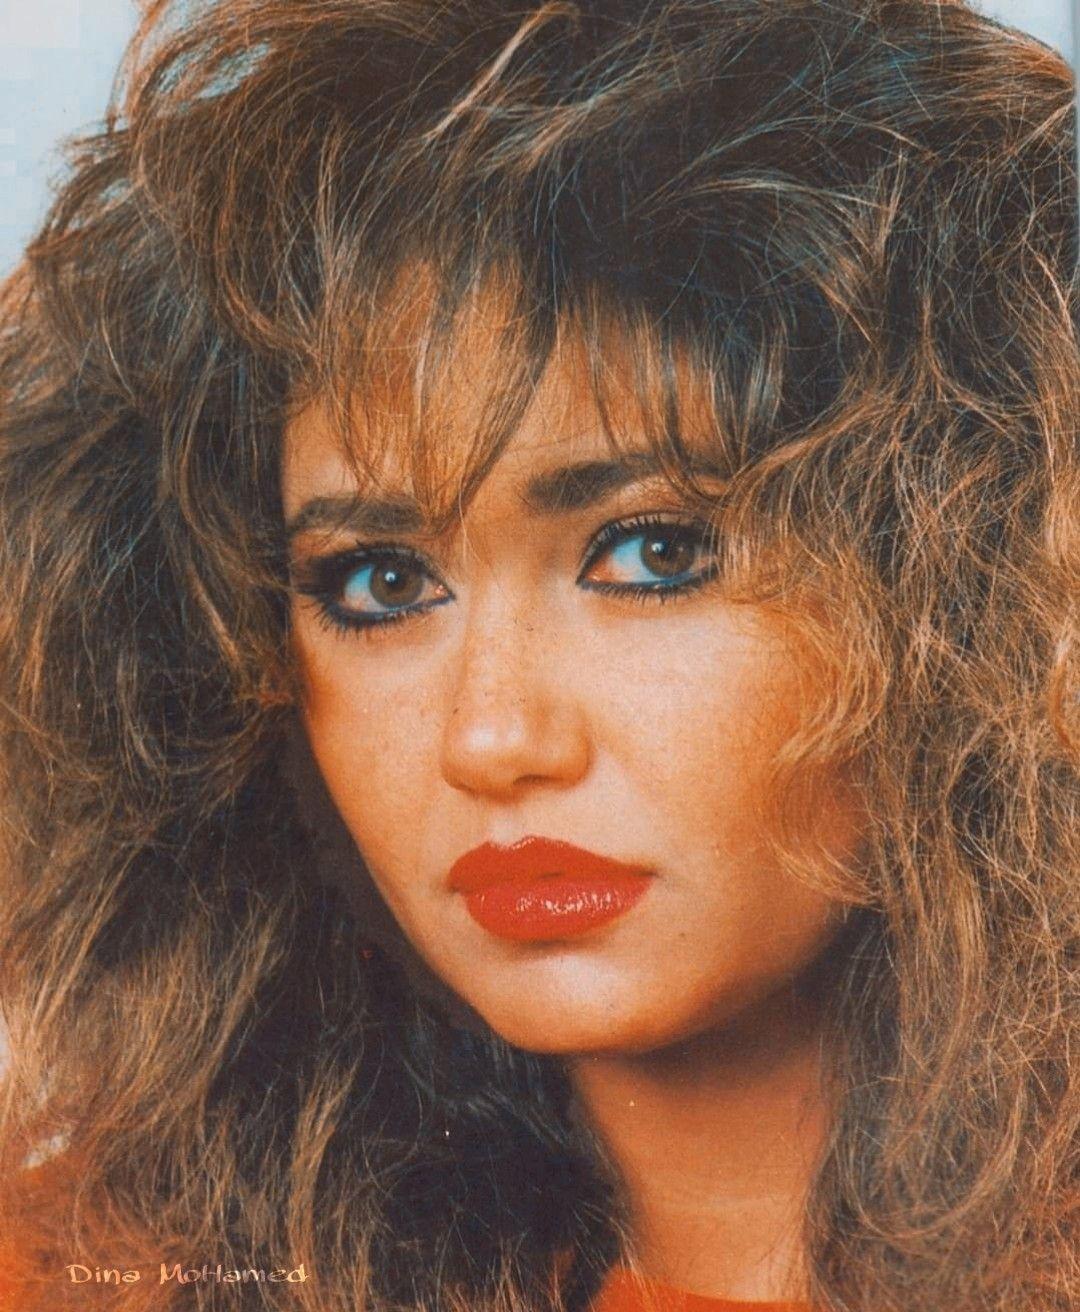 ليلي علوي Egyptian Beauty Egyptian Actress Famous Faces